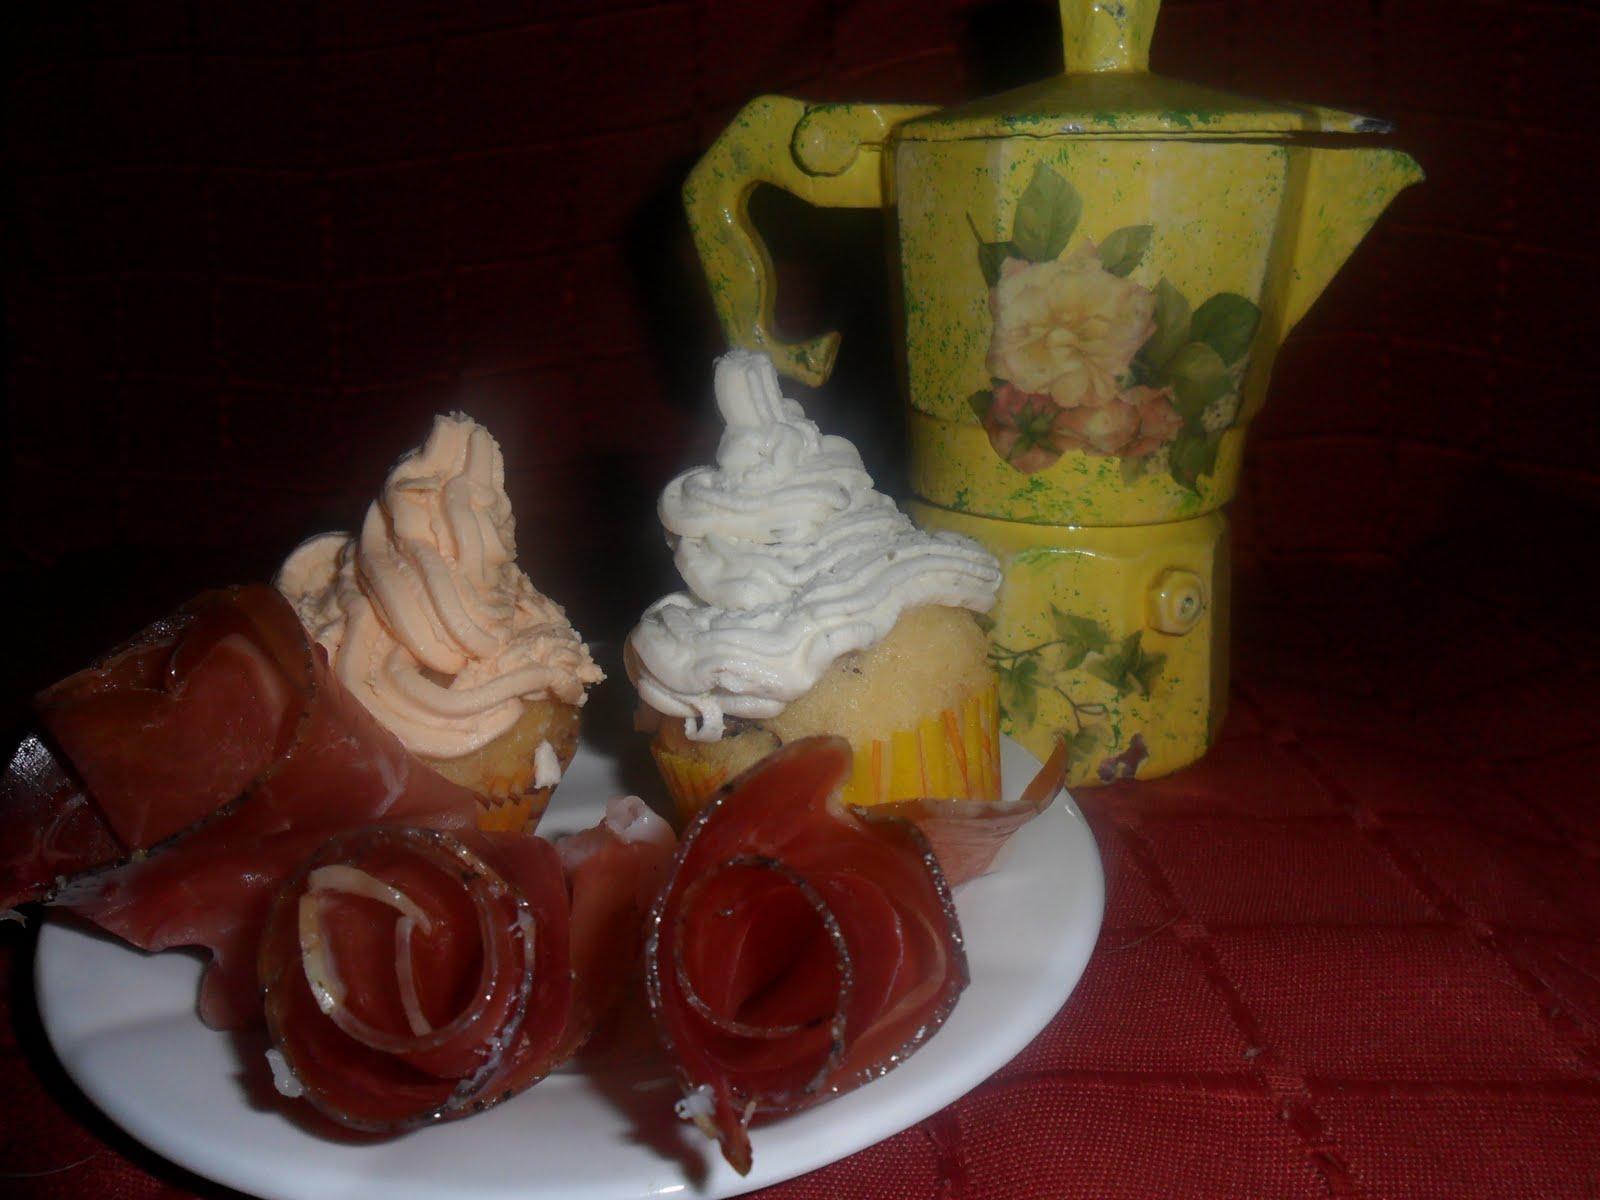 Cucina con vale mini muffins salati al prosciutto crudo - Cucina con vale ...